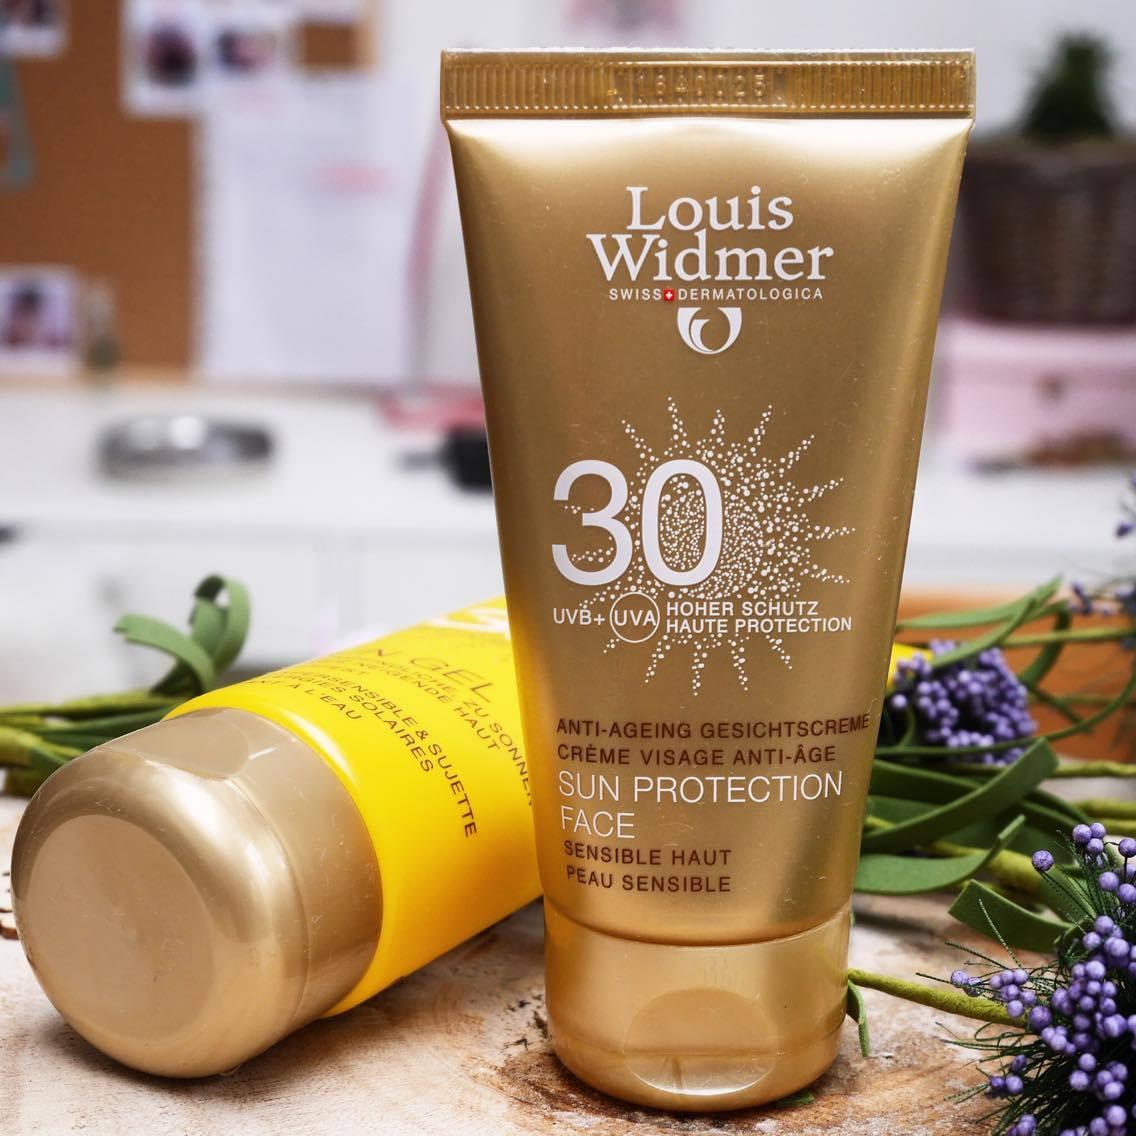 crèmes solaires Louis Widmer